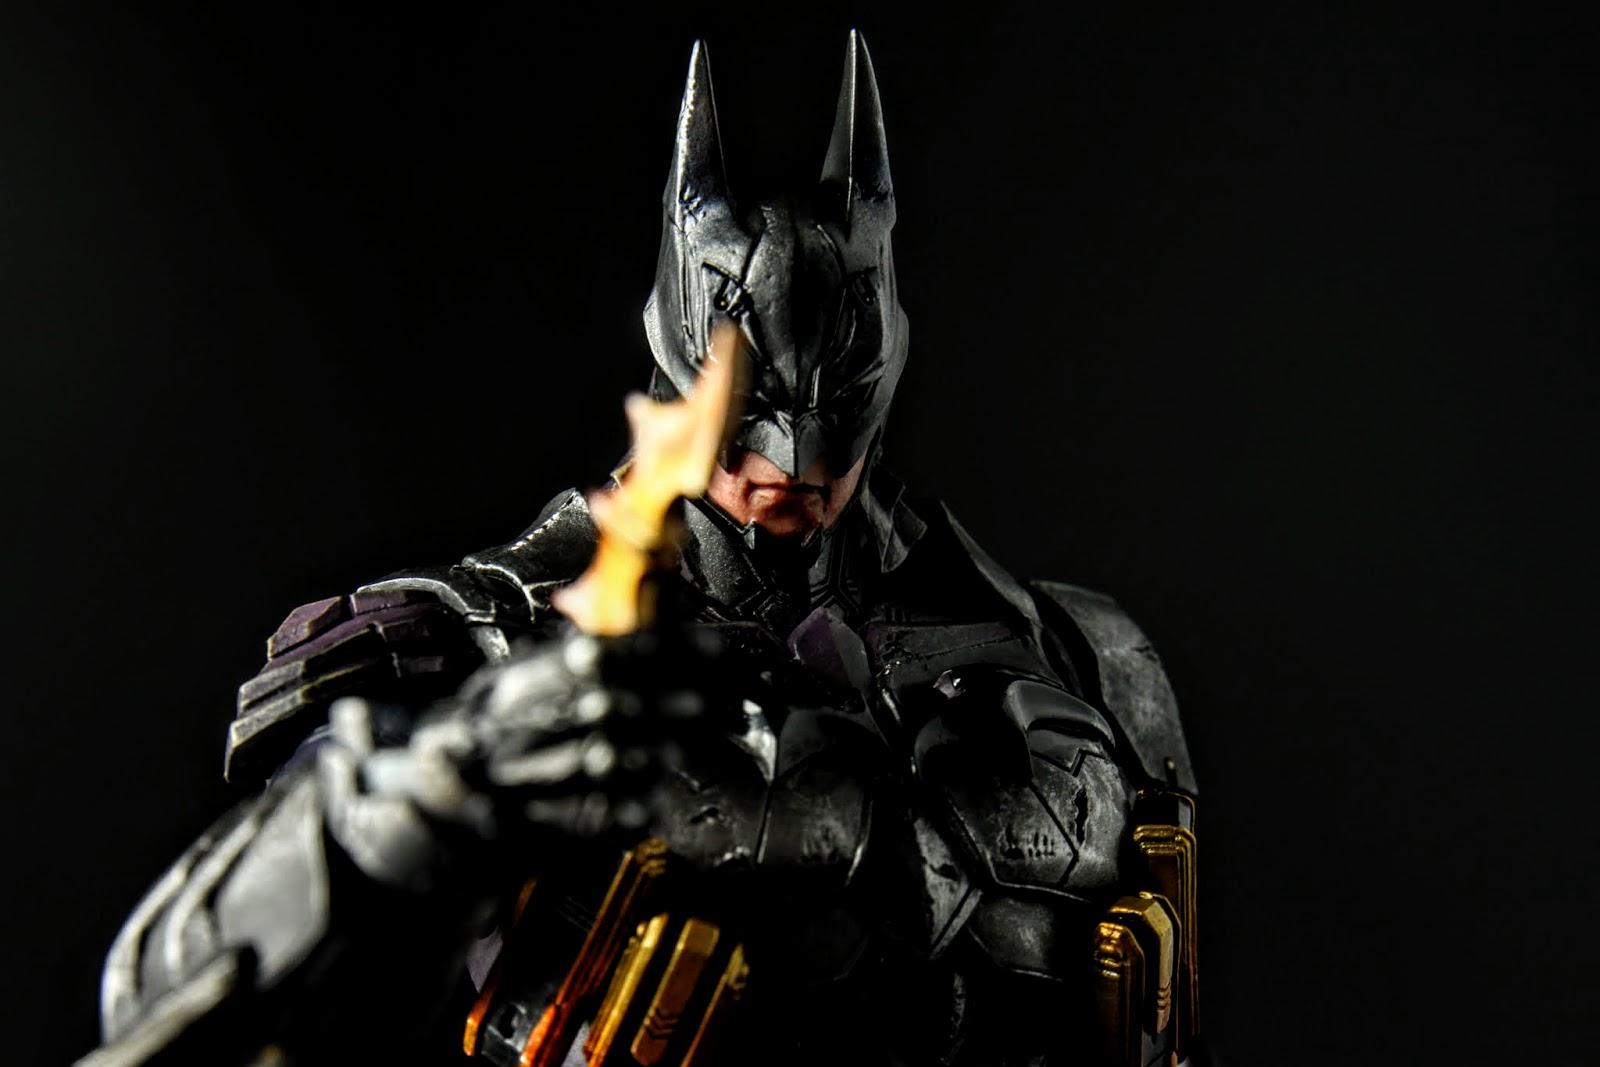 最後蝙蝠俠慣例